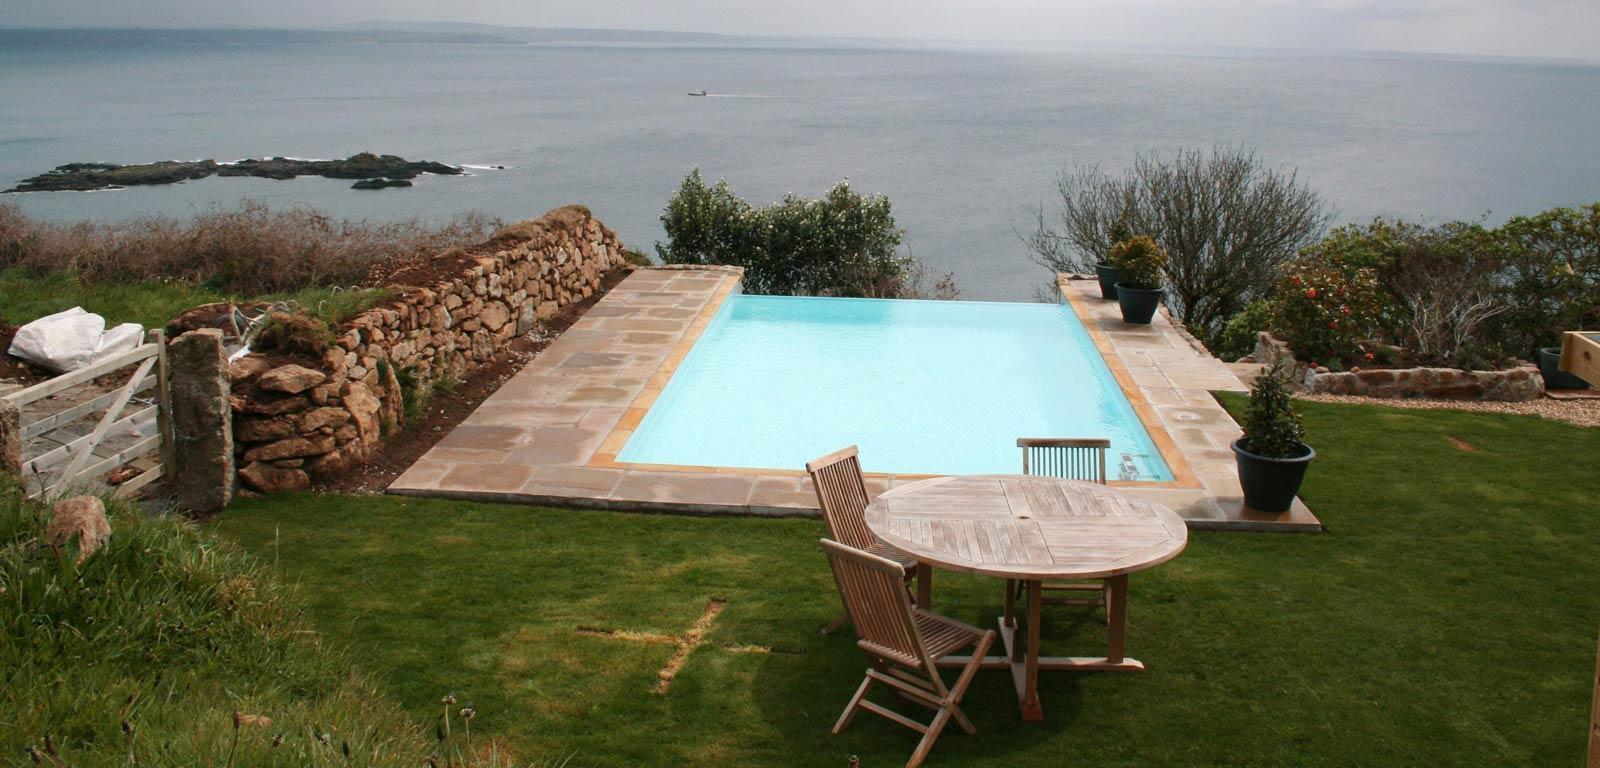 Piscina Su Terreno In Pendenza sfioro a cascata per piscine interrate - cvp italia